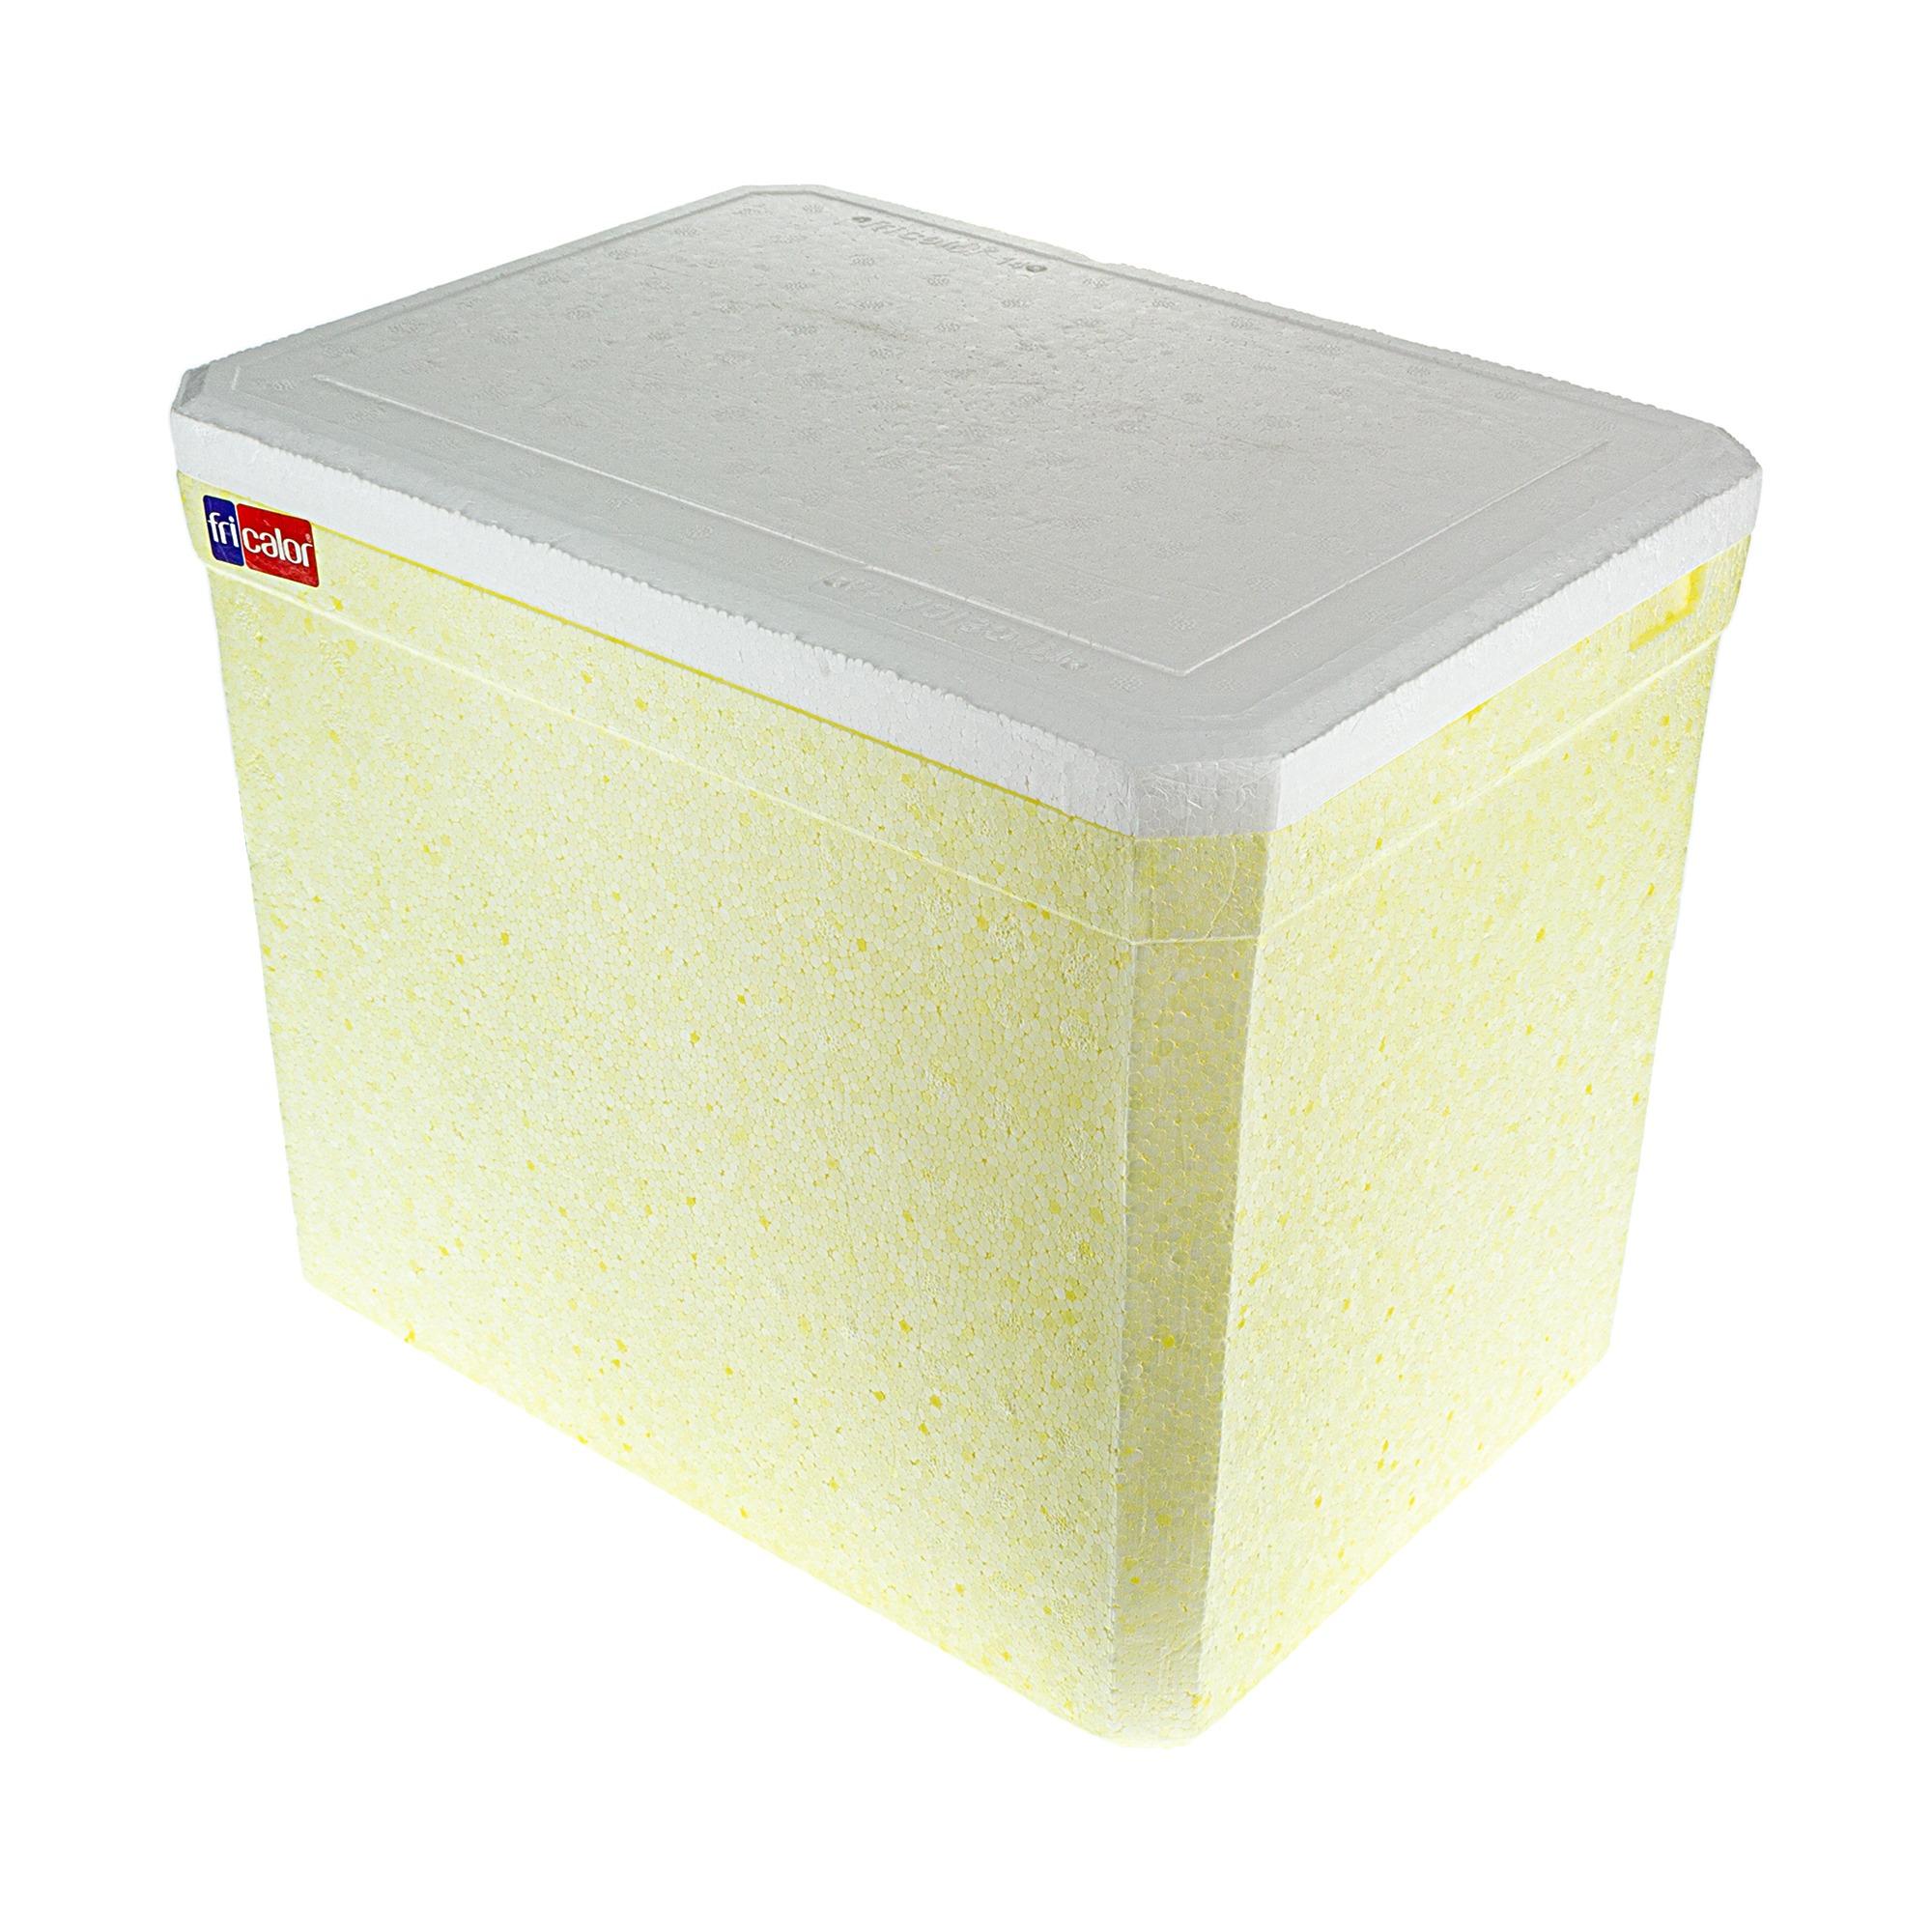 Caixa Termica Isopor 14L com Alca FR02016 - Fri Calor